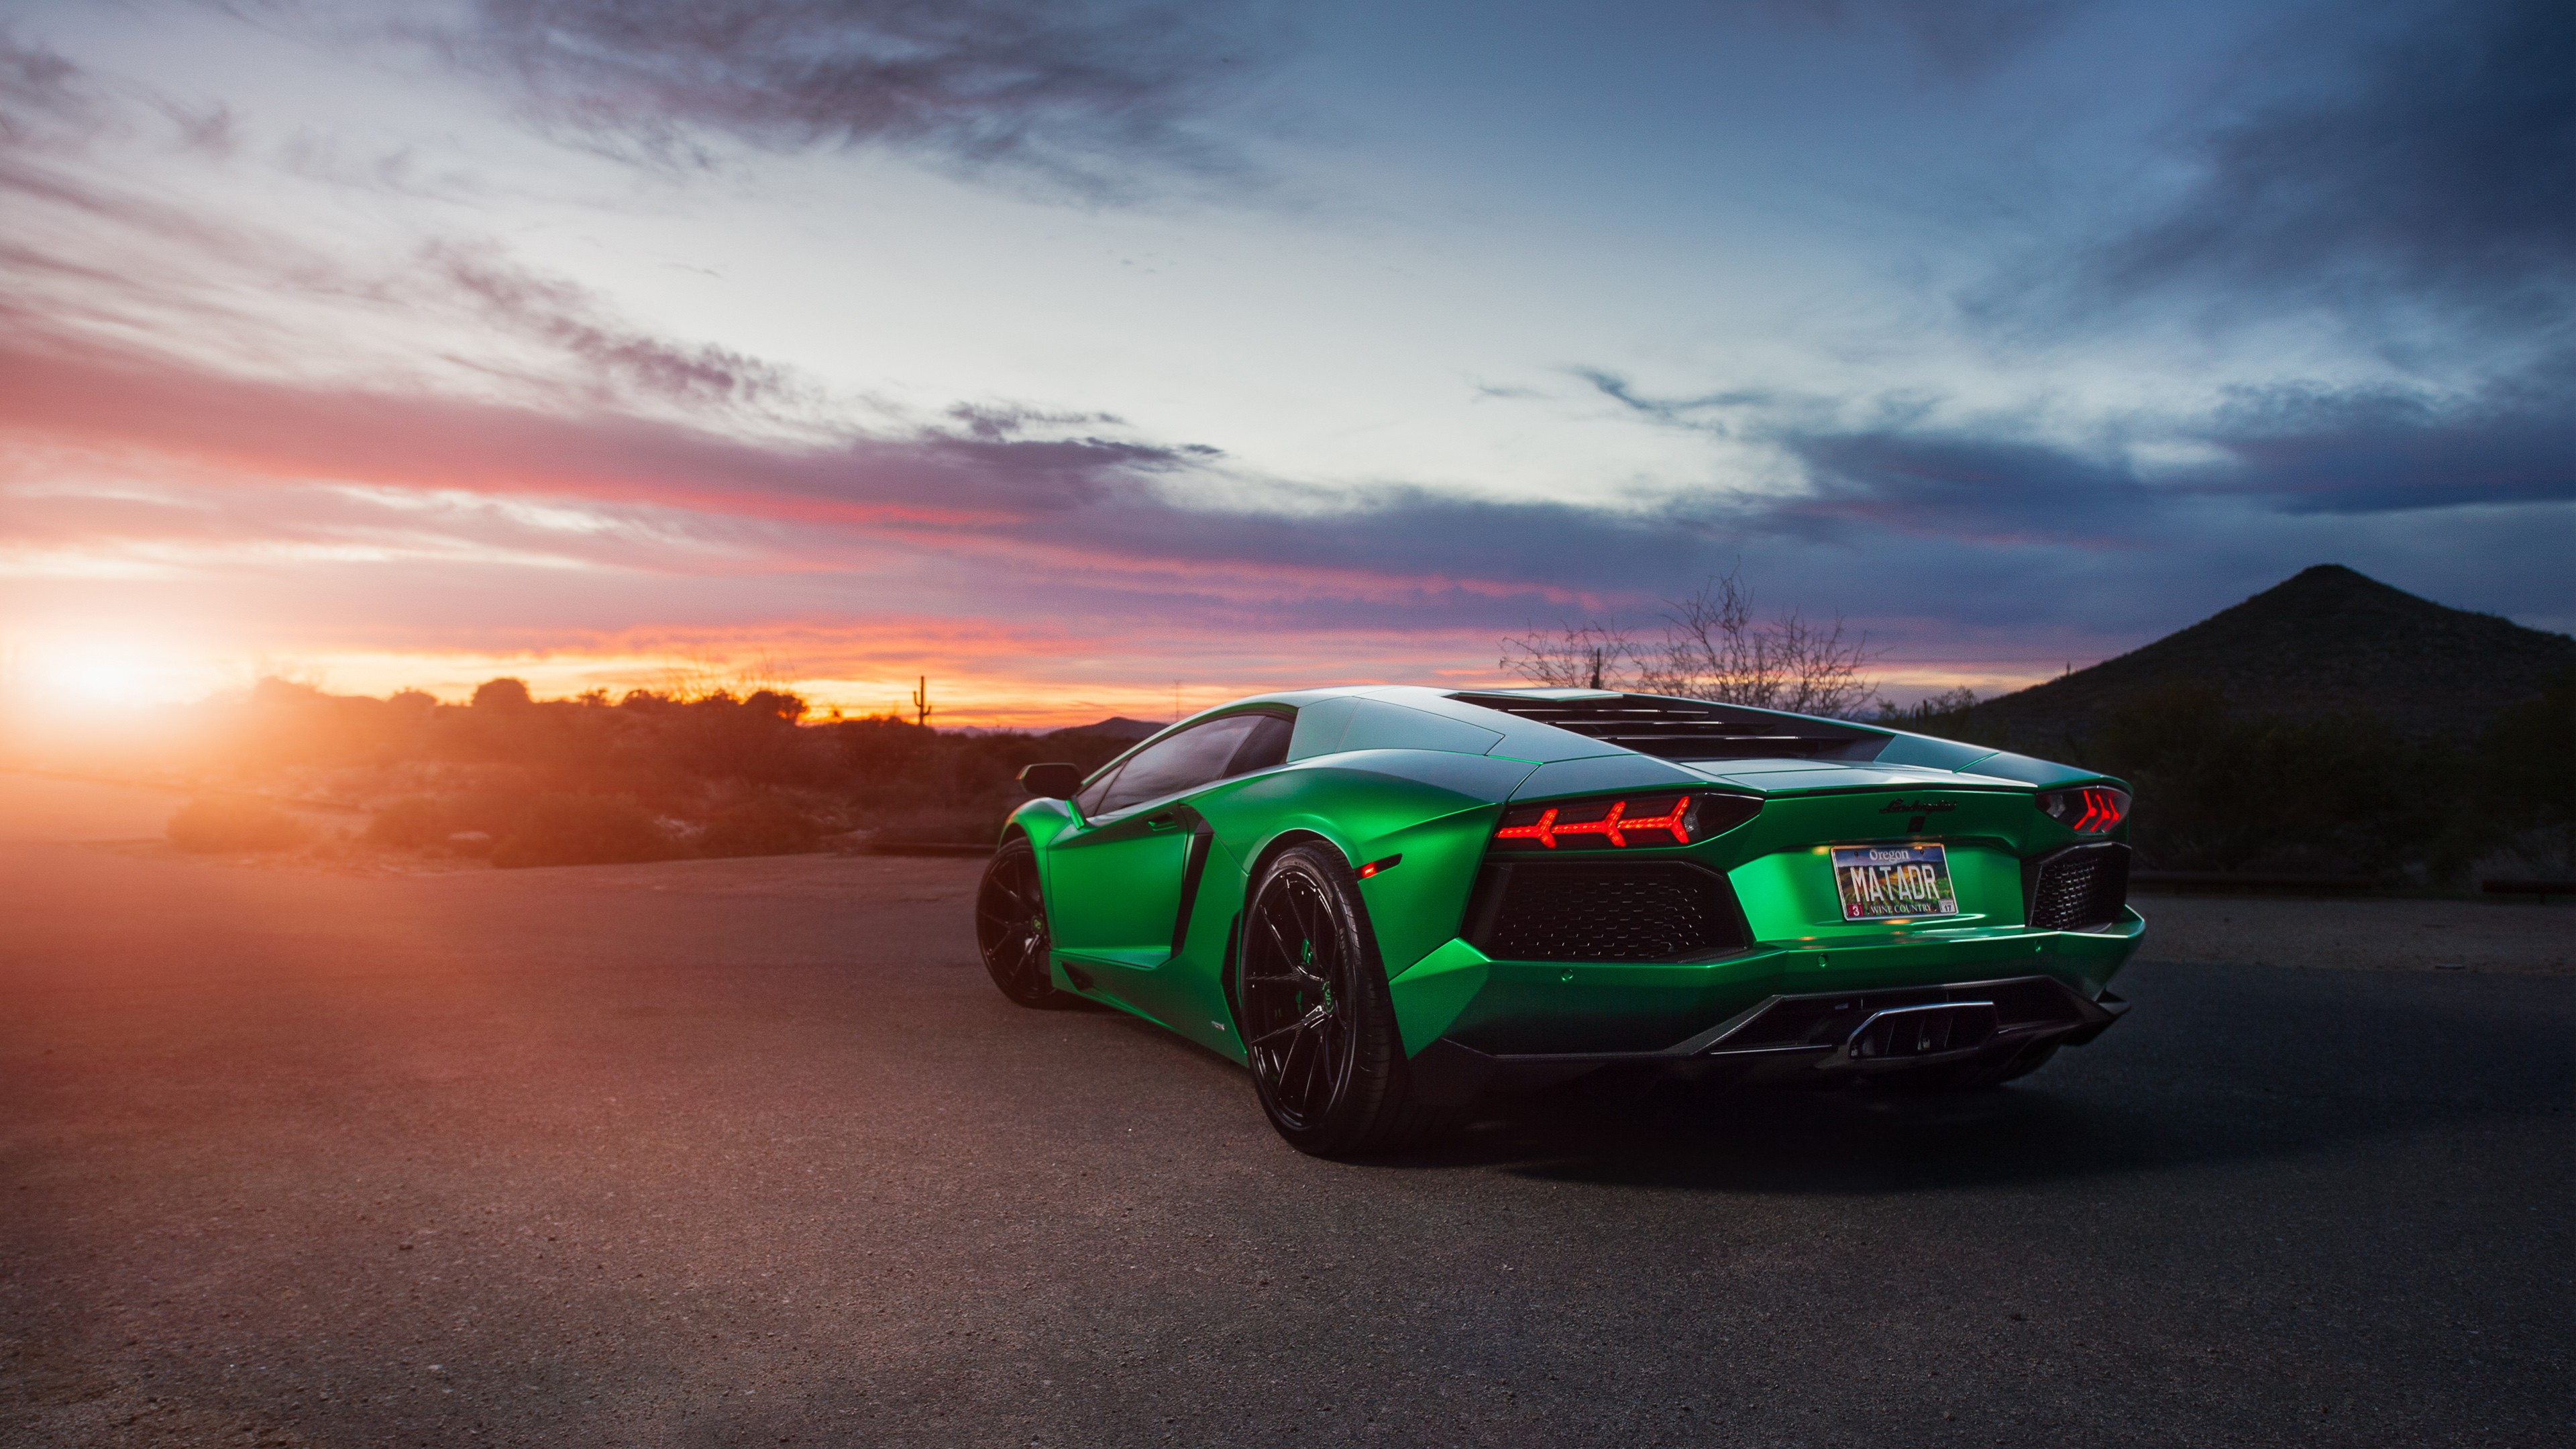 Lamborghini Aventador Green 4k Hd Cars 4k Wallpapers